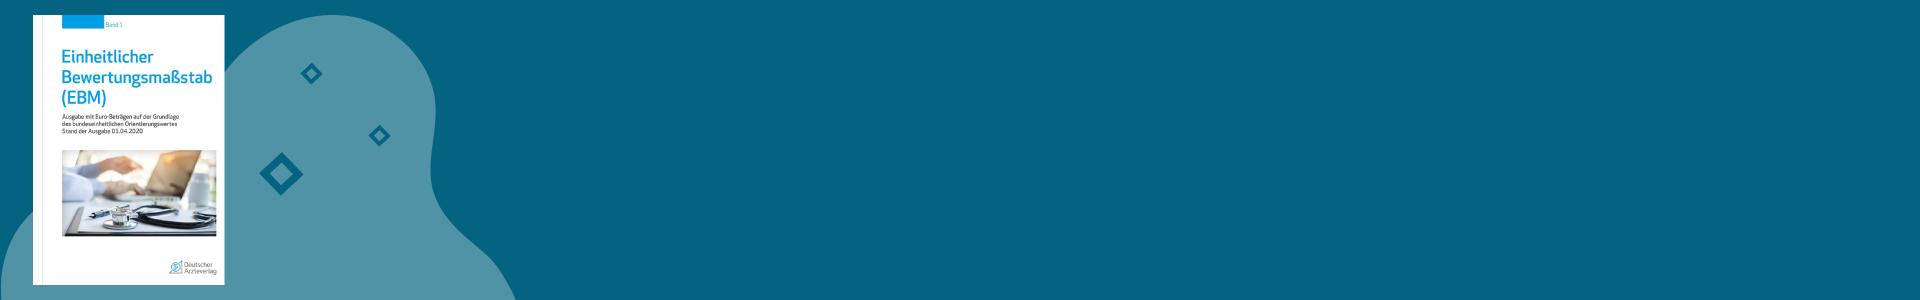 Einheitlicher Bewertungsmaßstab (EBM) - 2 Bände